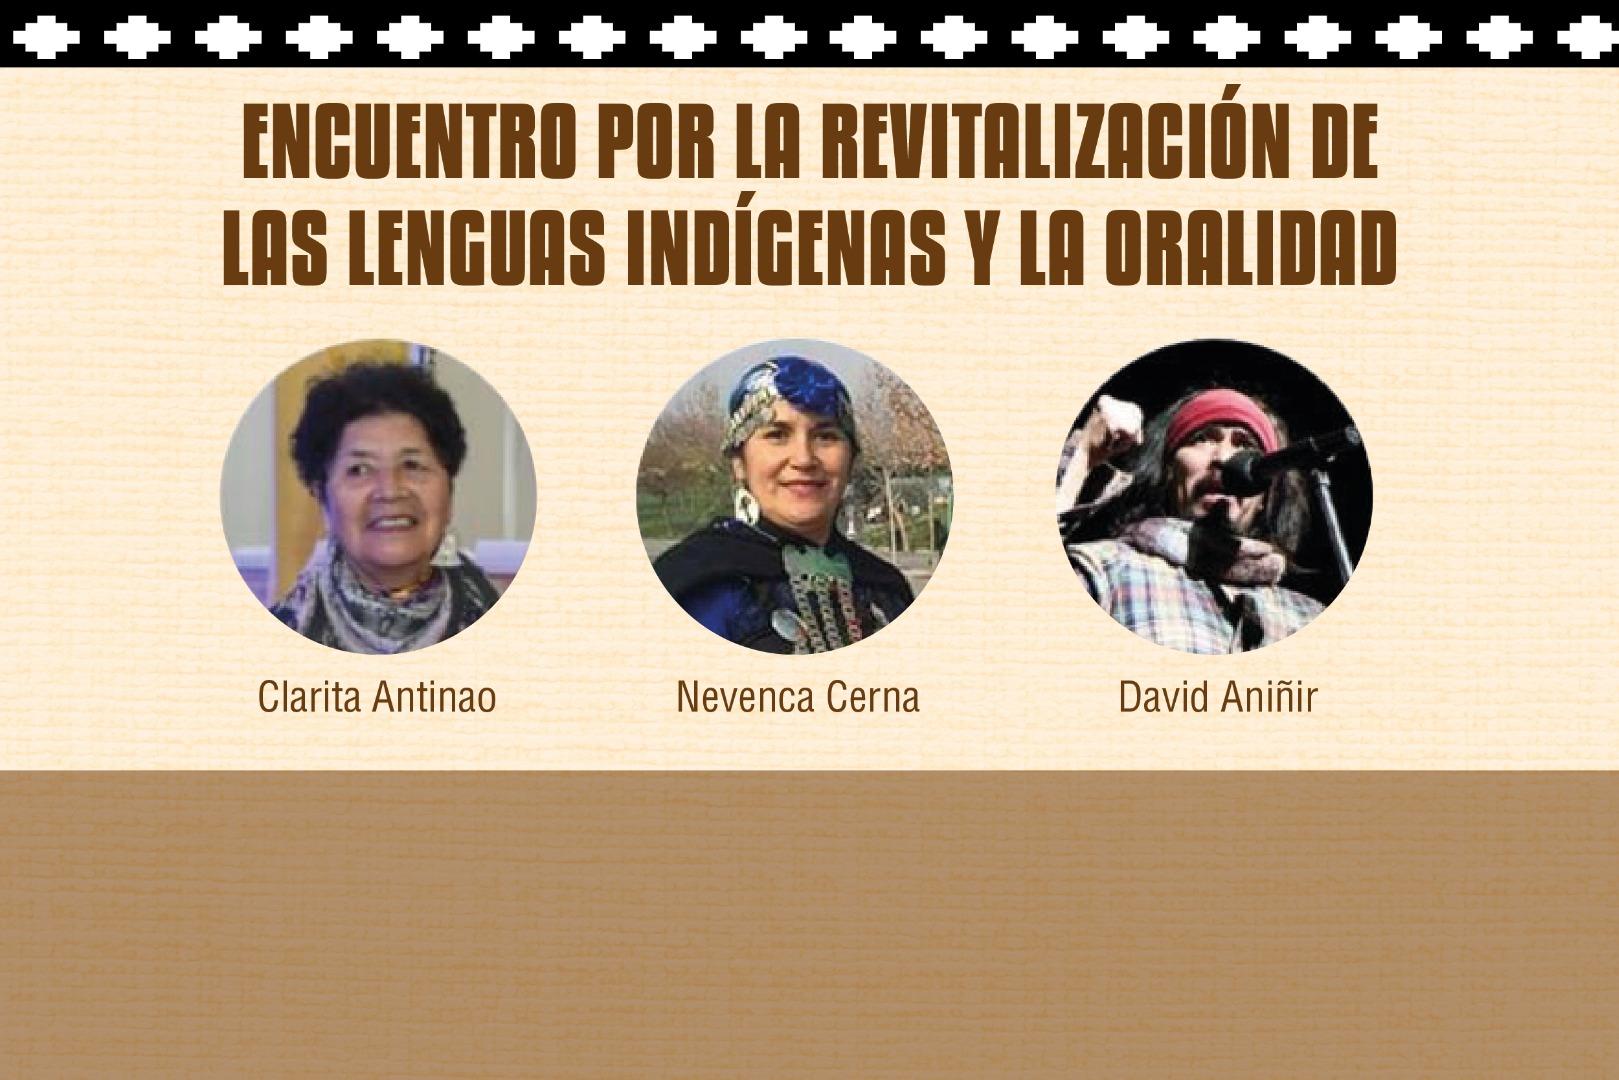 Conversatorio fue organizado por la Coordinación Intercomunal de Oficinas de Pueblos Indígenas